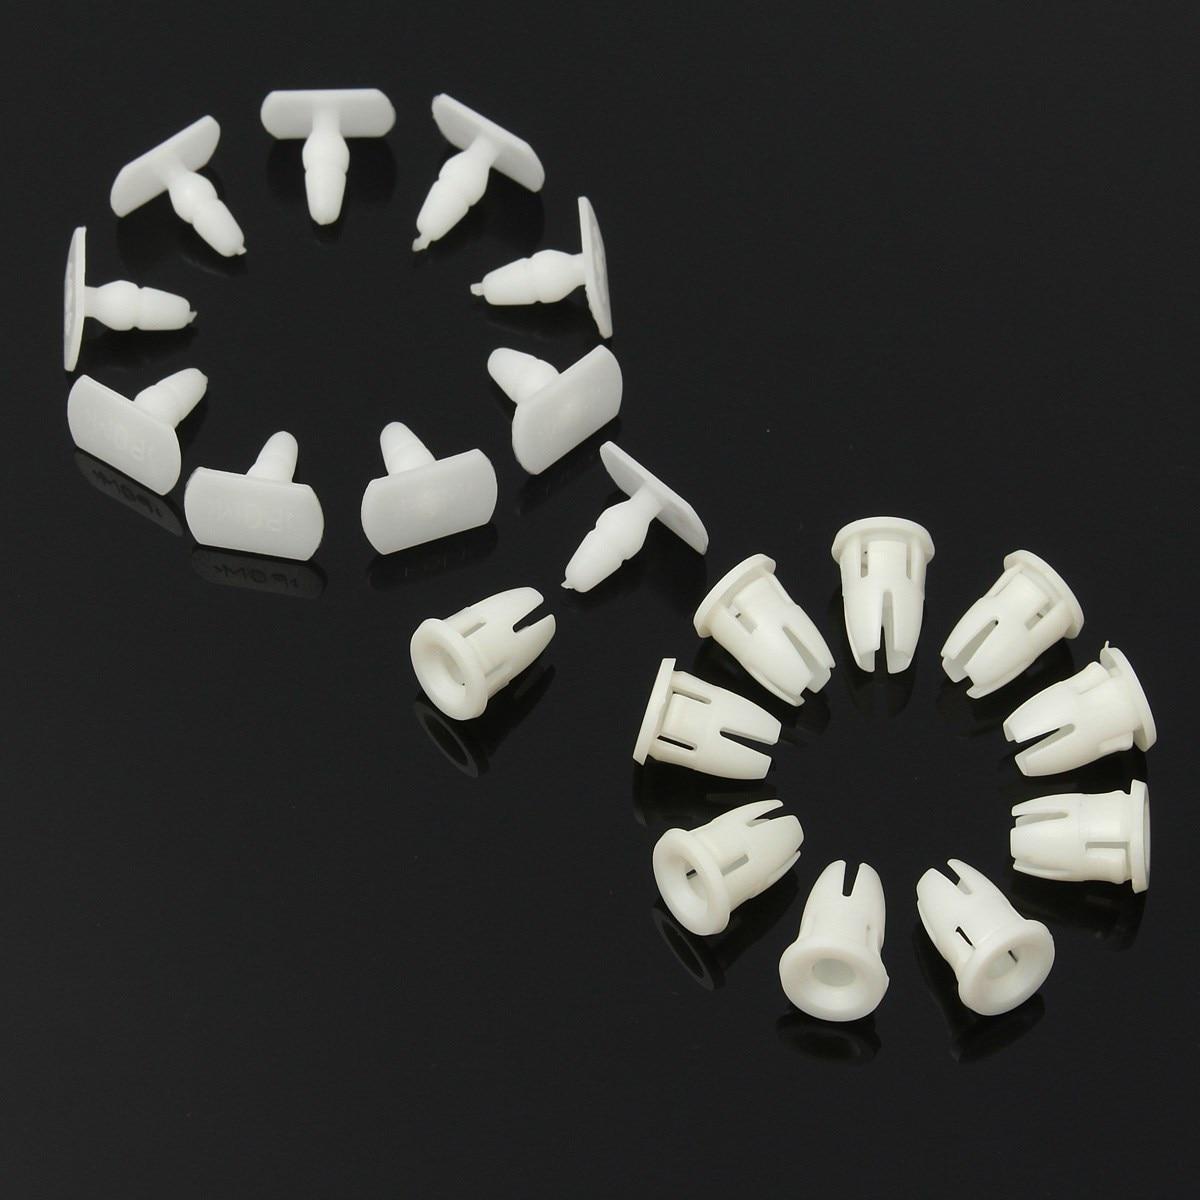 10 x Side Skirt Door Sill Card Panel Linning Repair Trim Clips For Mercedes/Benz